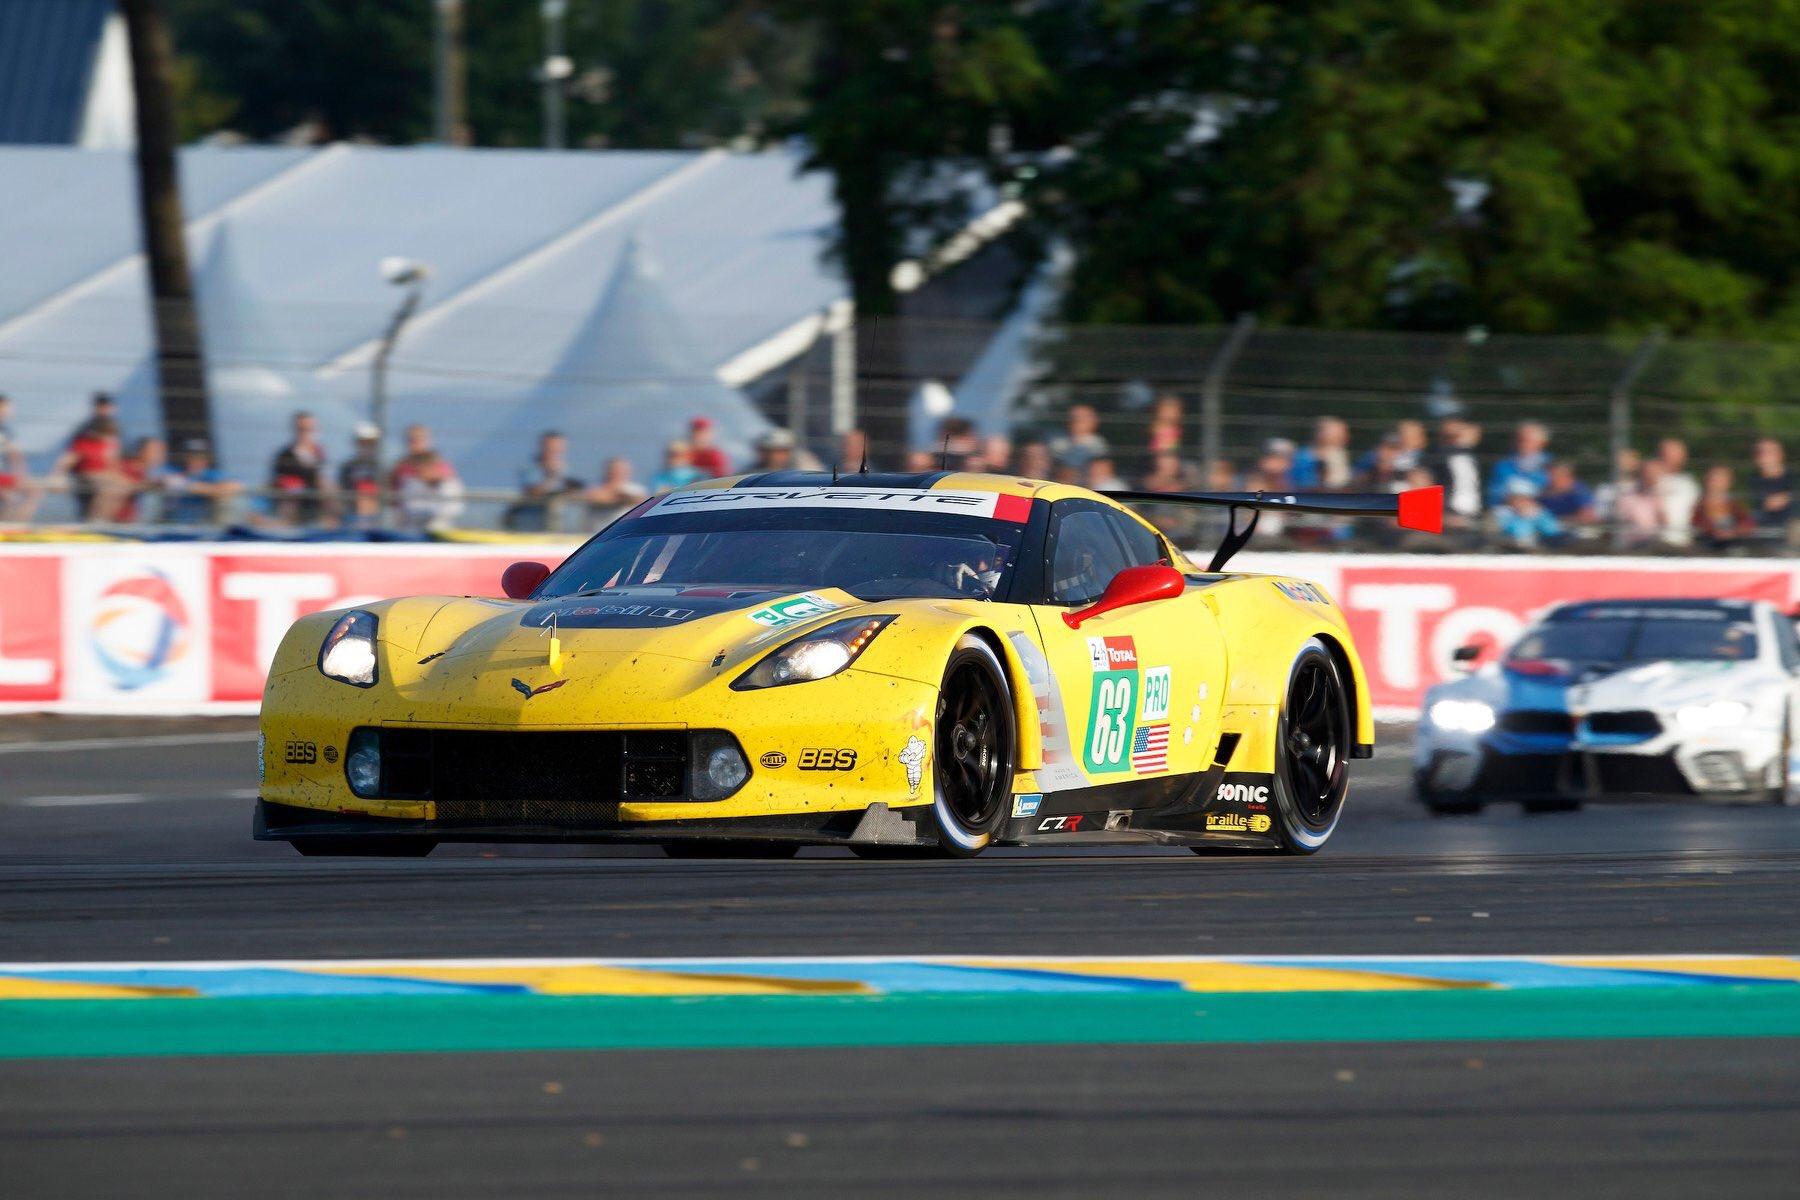 24 Horas de Le Mans 2018 - Página 3 Df0N51TW0AIXypF